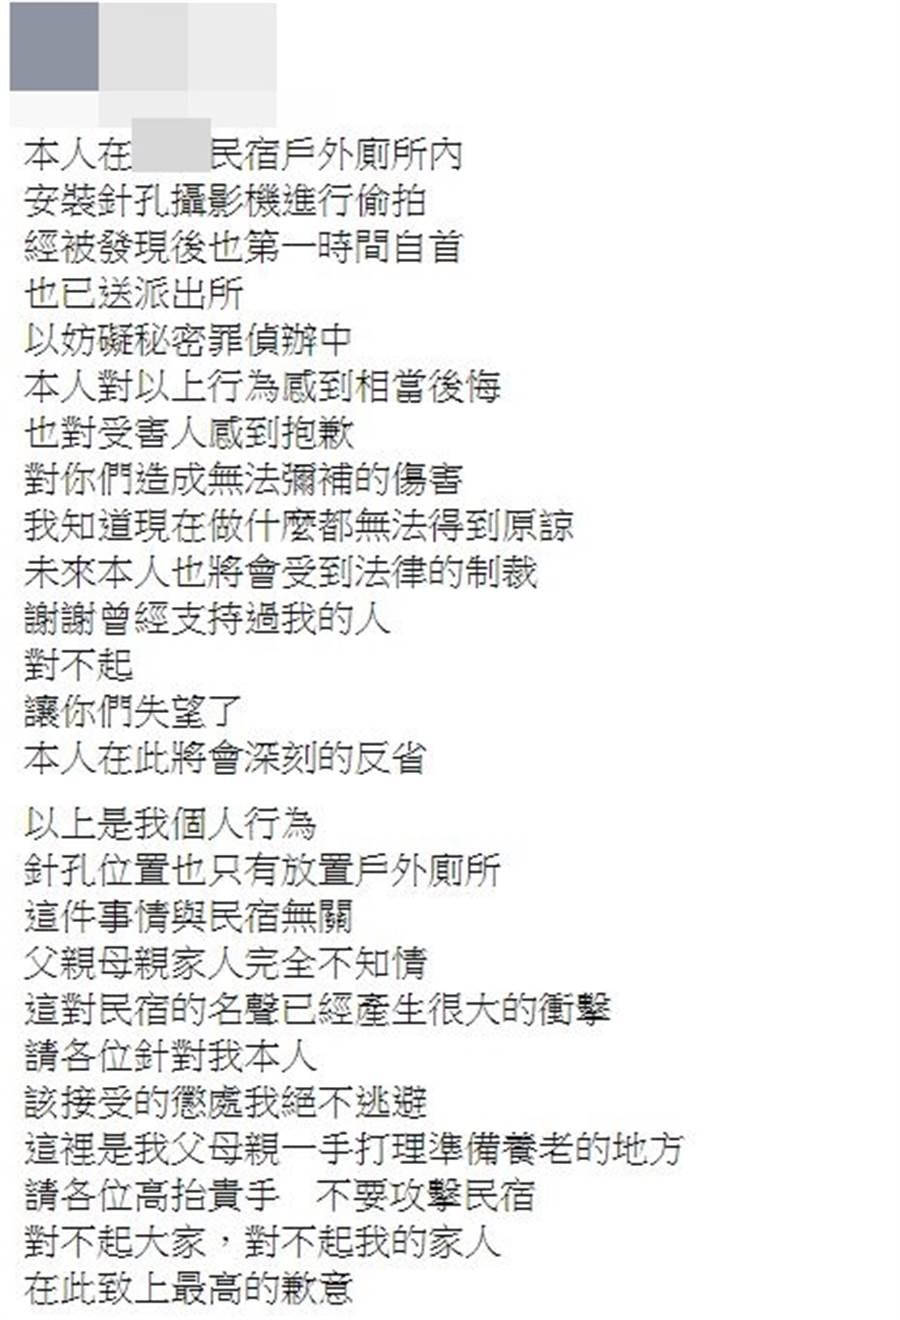 拍偷的男子事後在臉書上po文道歉,也表示自己在遭揭發時,第一時間已自己到警察局自首。(讀者提供/林俊翰翻攝)